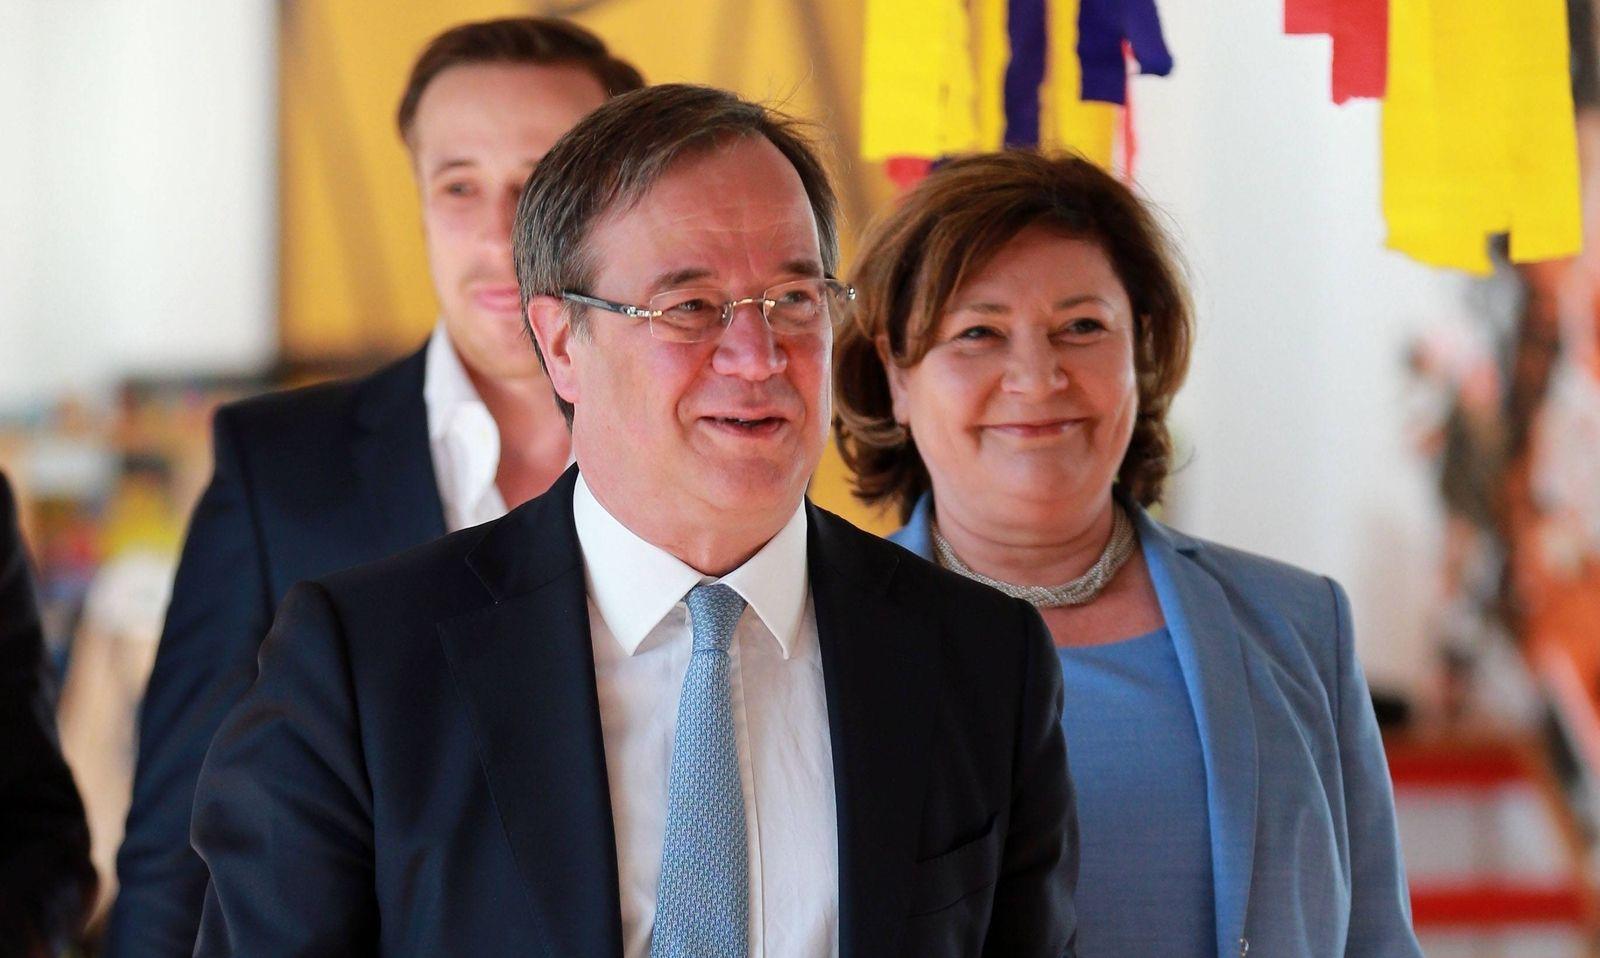 Kanclerz Austrii spodziewa się przedterminowych wyborów parlamentarnych